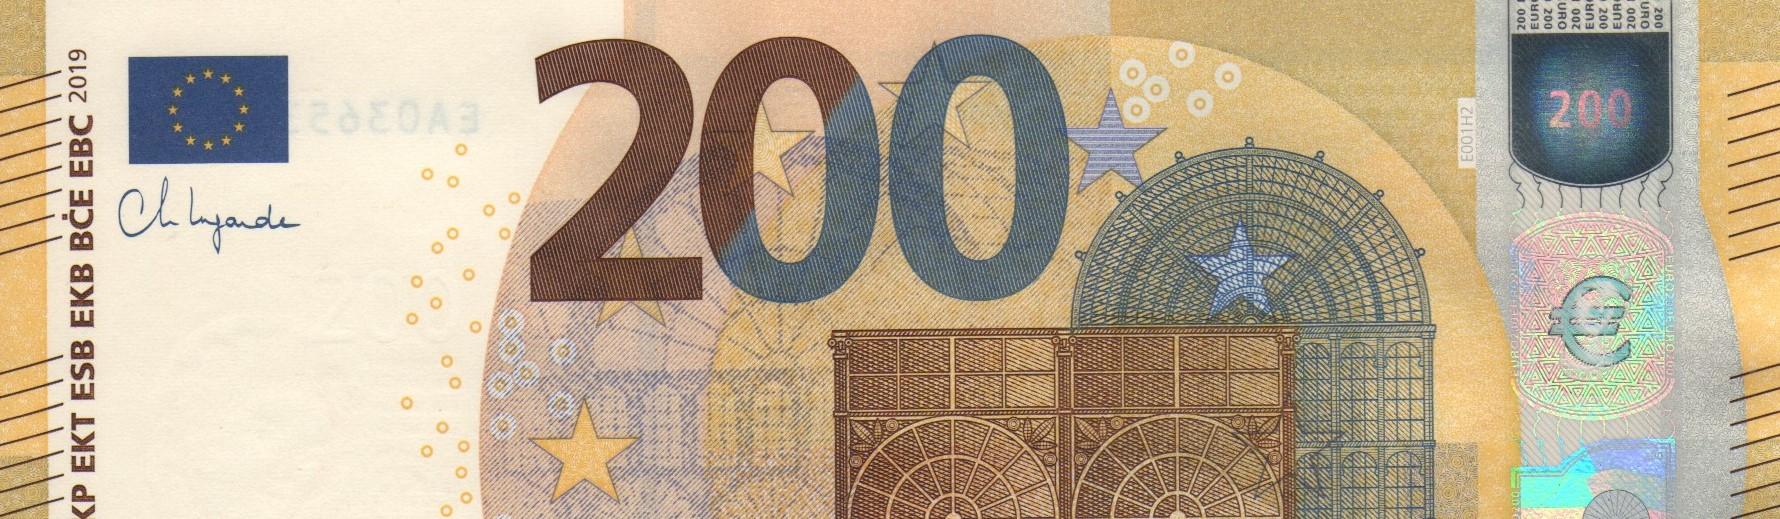 200_e_e_001_lagarde_204.jpg